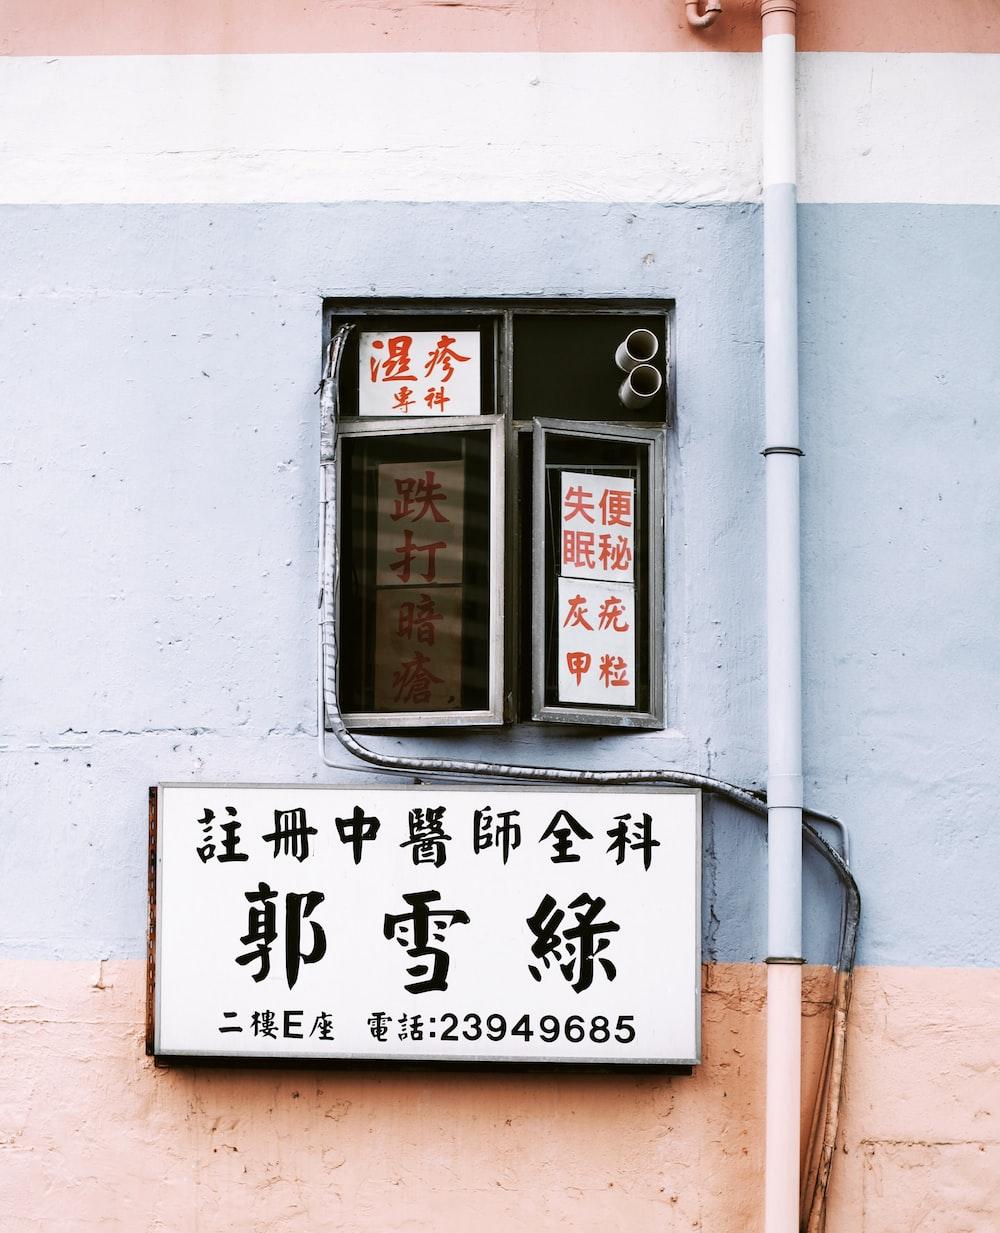 street photography of Kanji signage